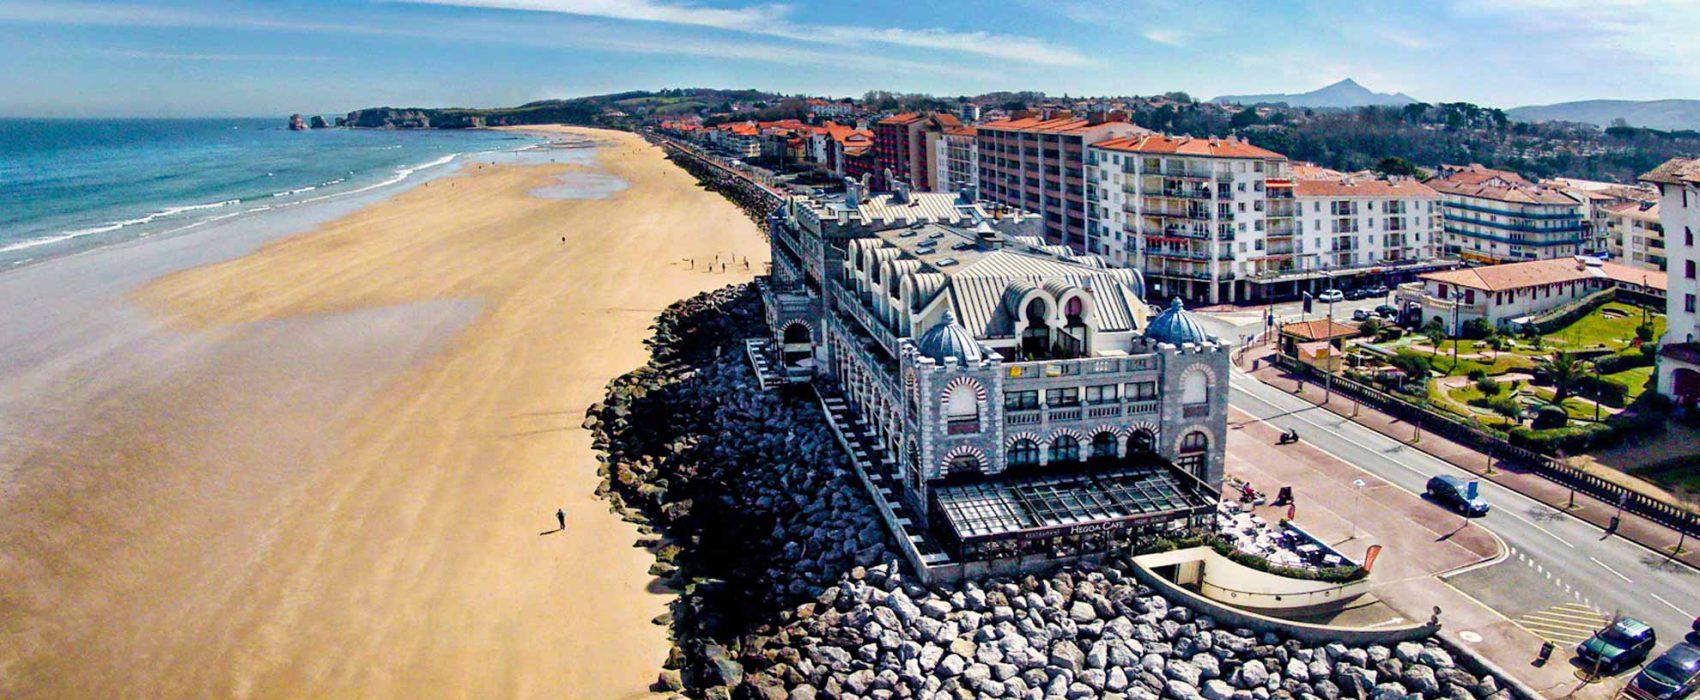 Qué hacer cerca de Irún Playa de Hendaya muy cerca del Hotel Aitana en Irún